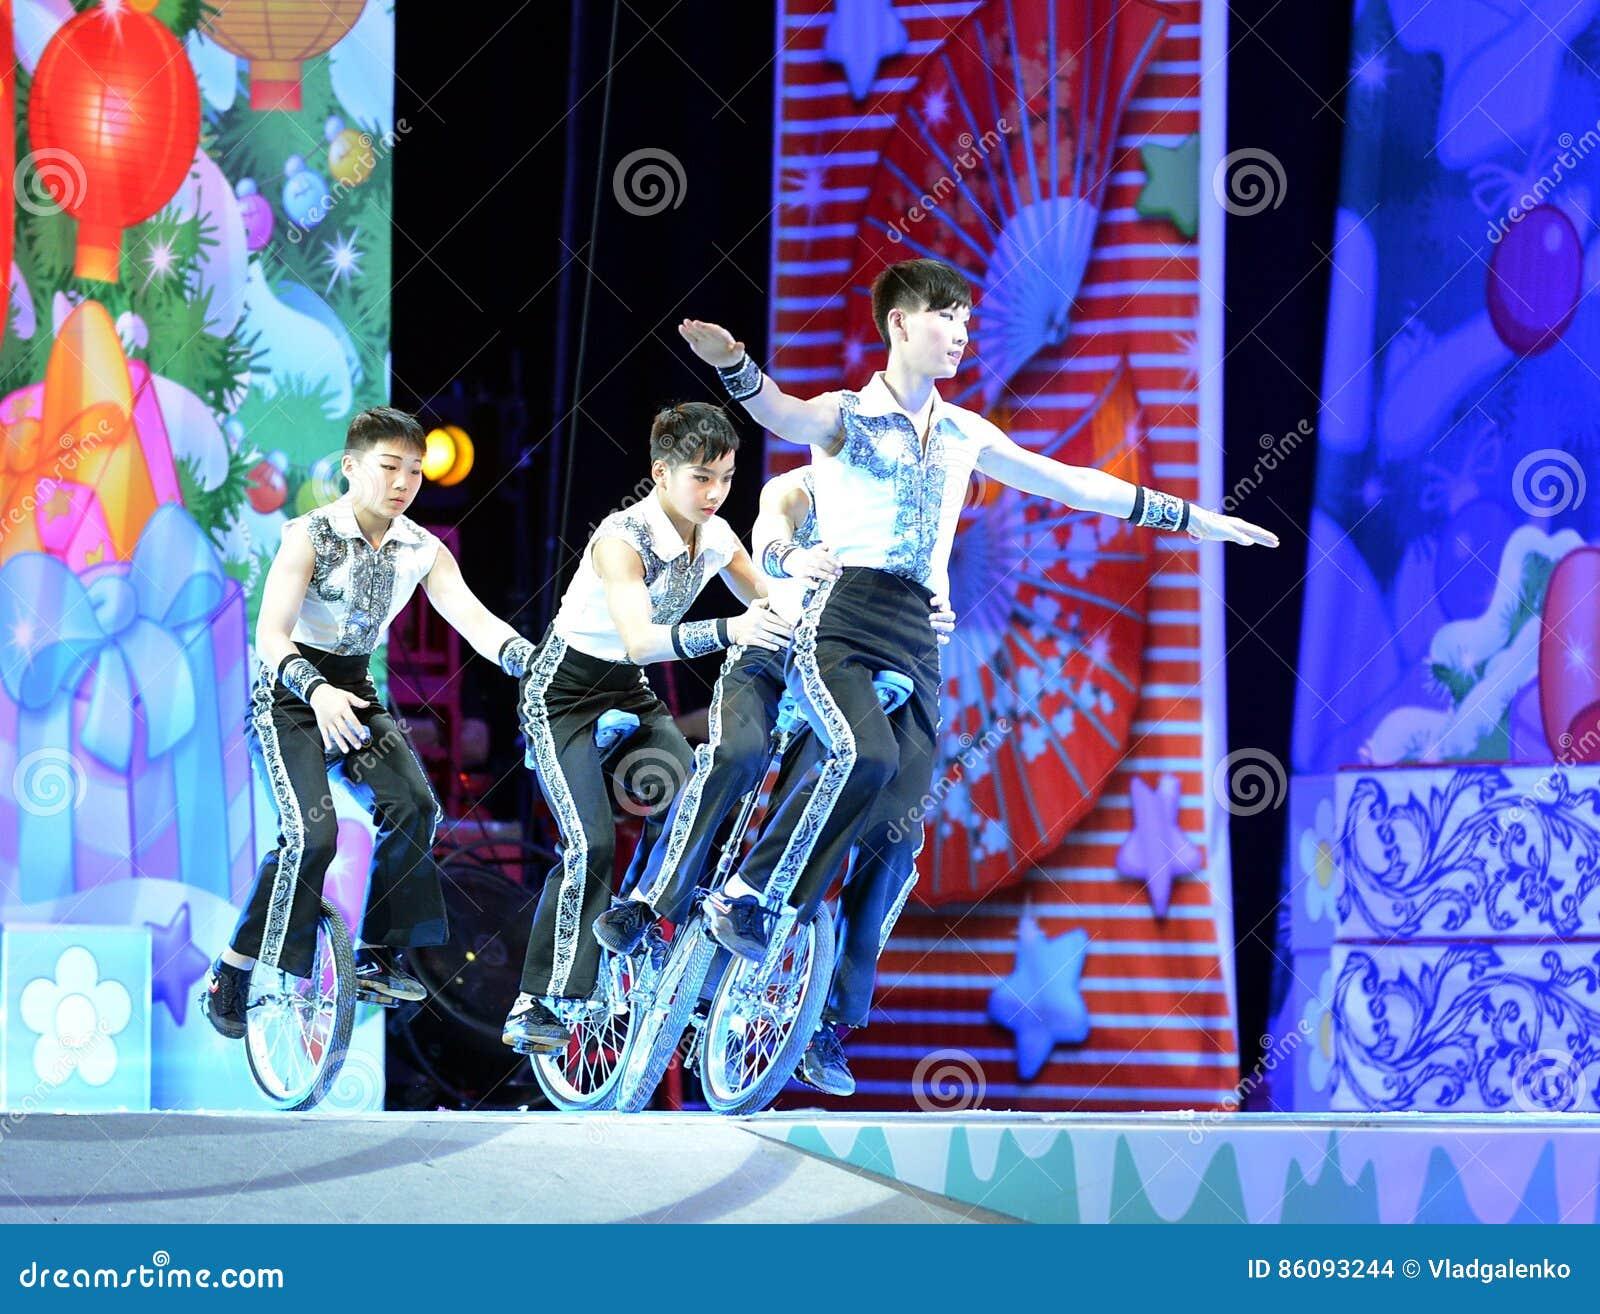 Os atores do circo chinês executam em nosso jogo de natividade na arcada